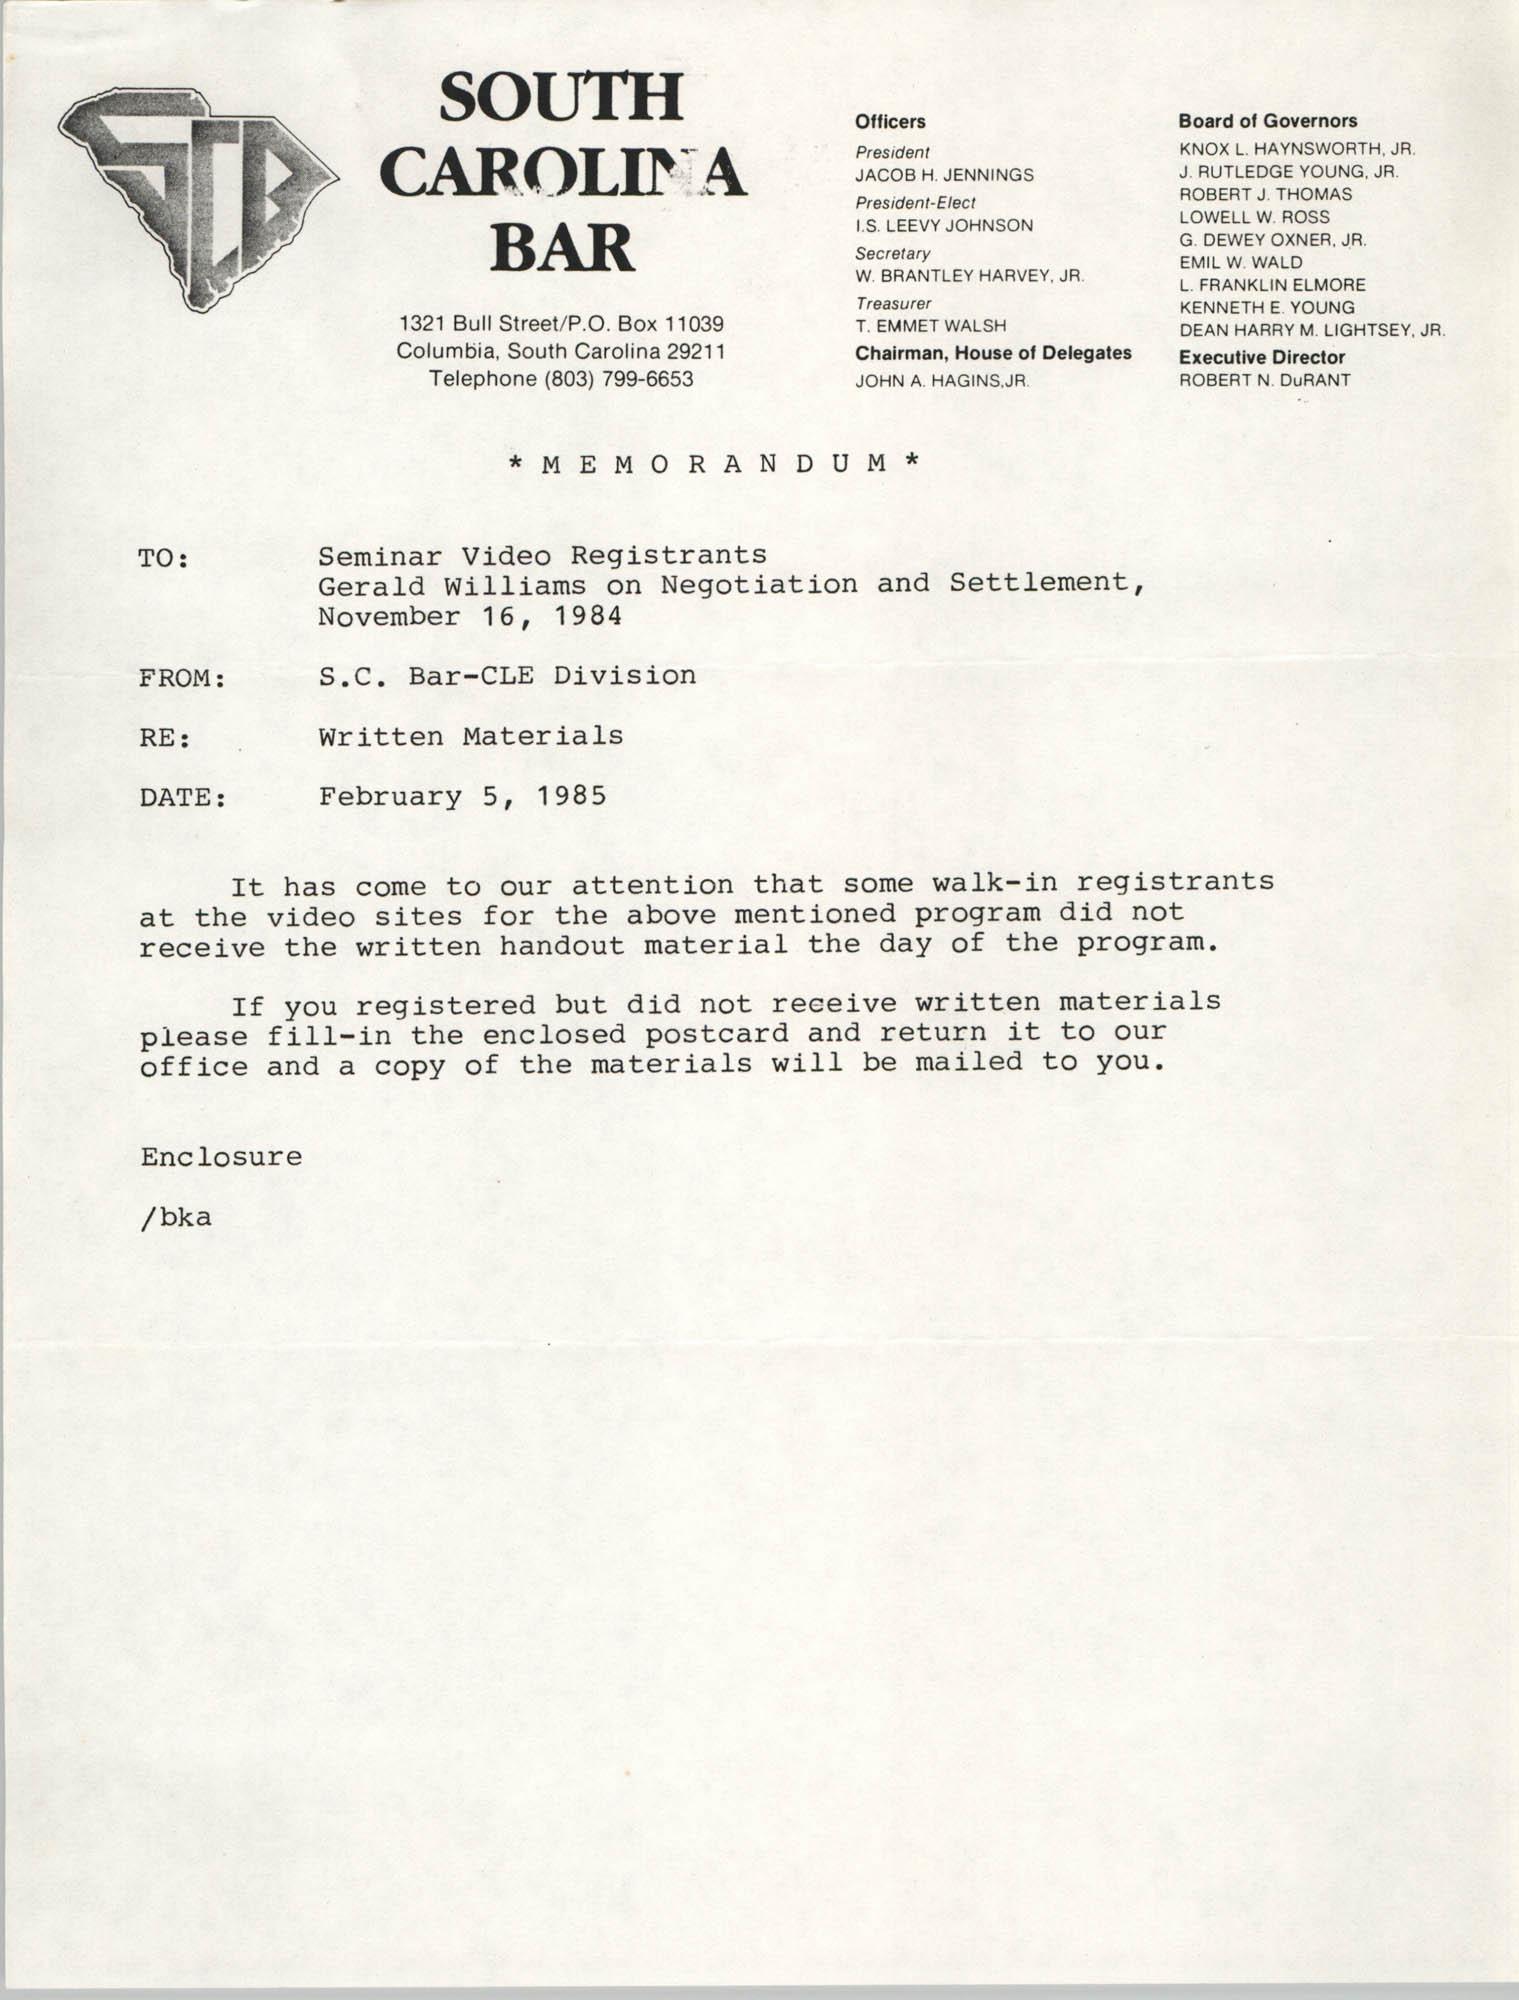 South Carolina Bar Memorandum, February 5, 1985